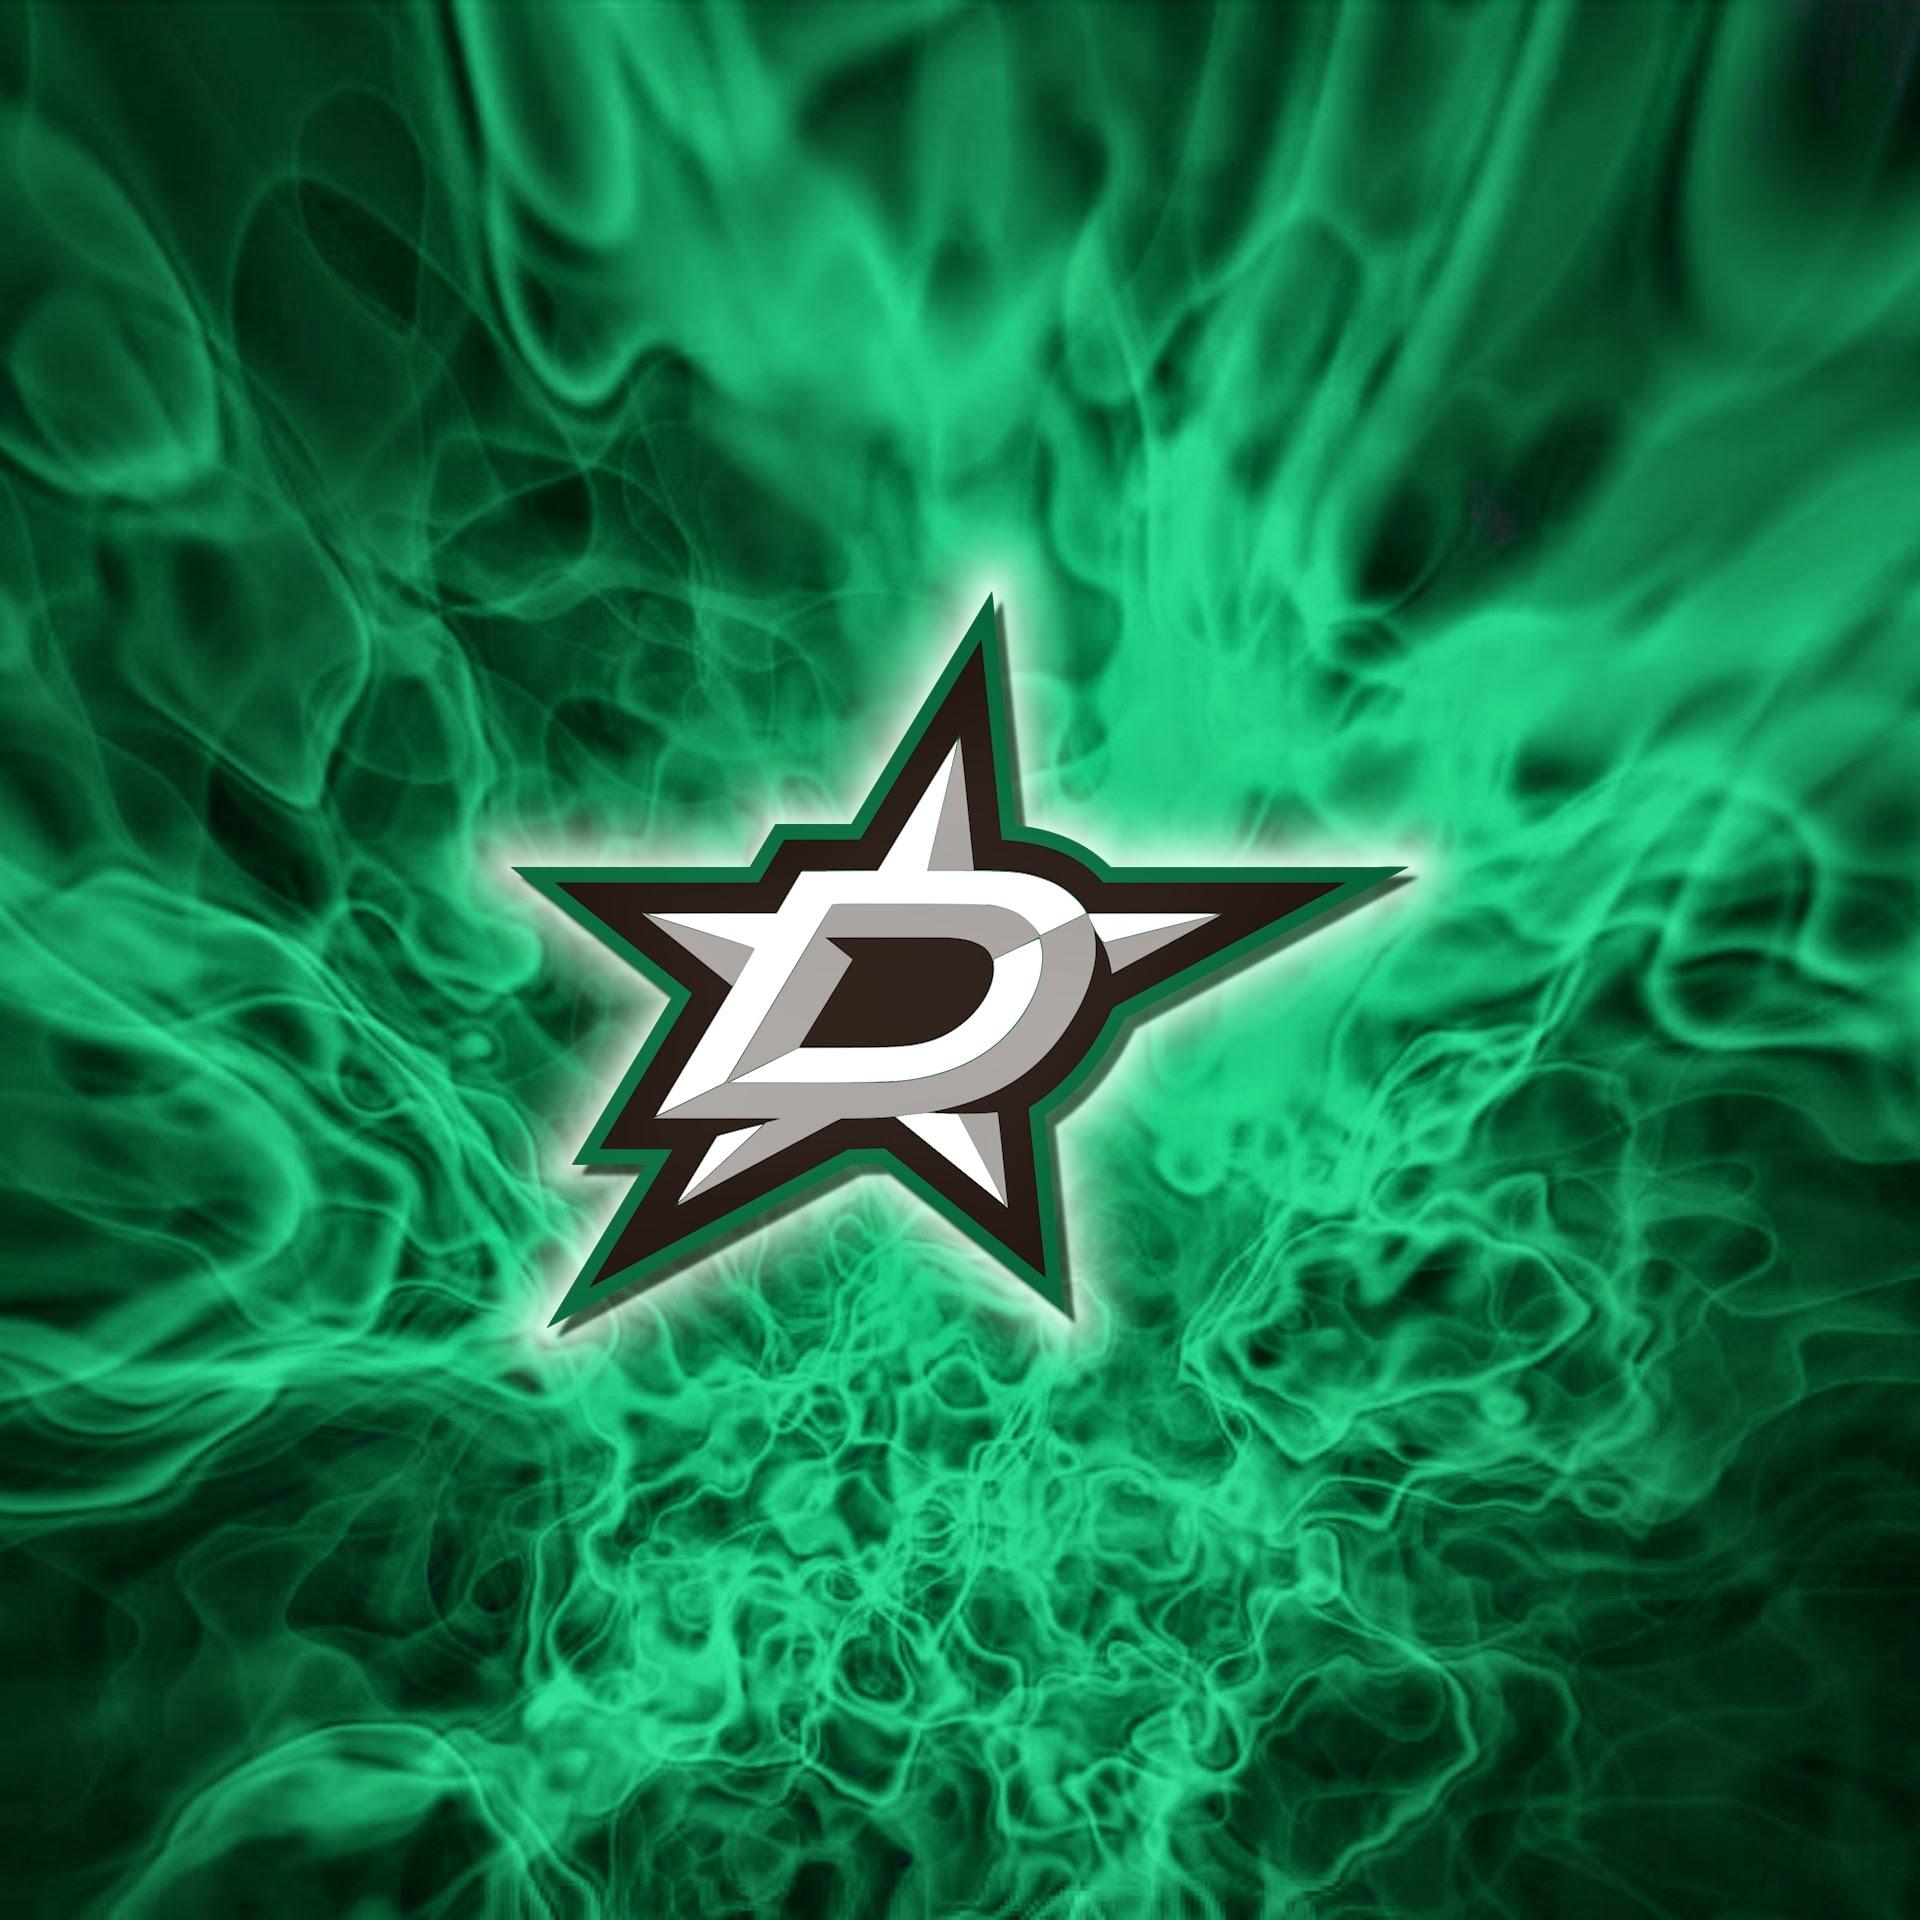 dallas stars - photo #11